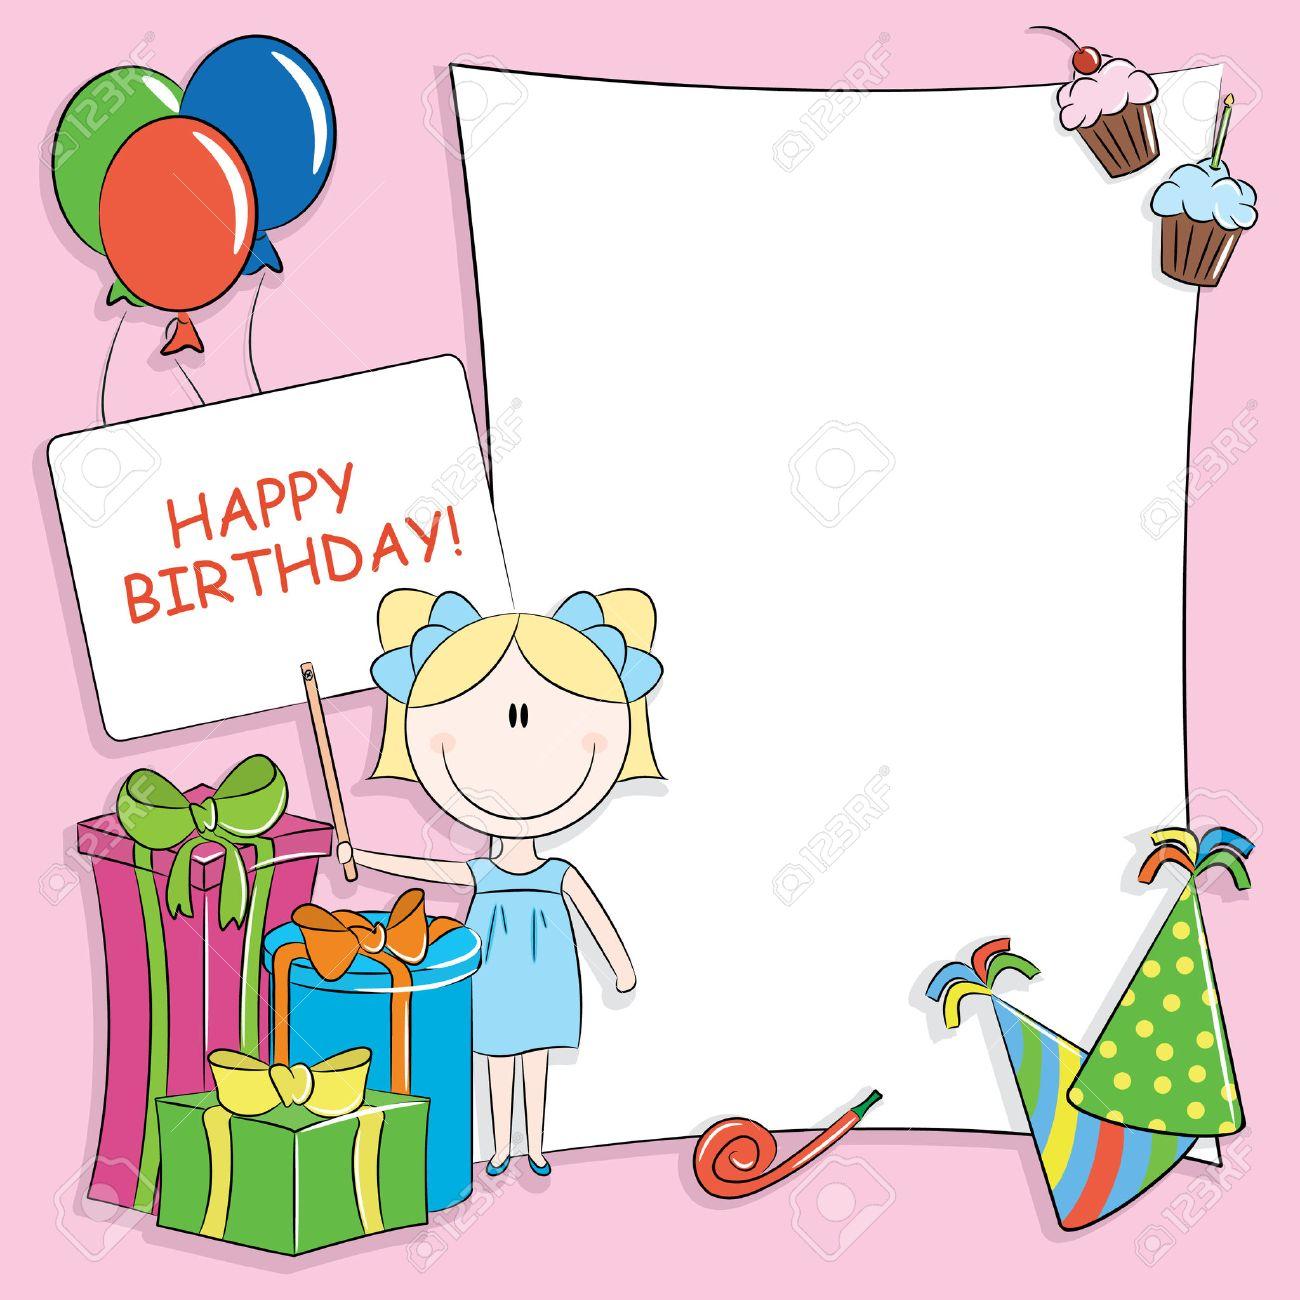 Happy Birthday Greeting Card Mit Leeren Platz Fur Ihre Wunsche Und Nachricht Standard Bild